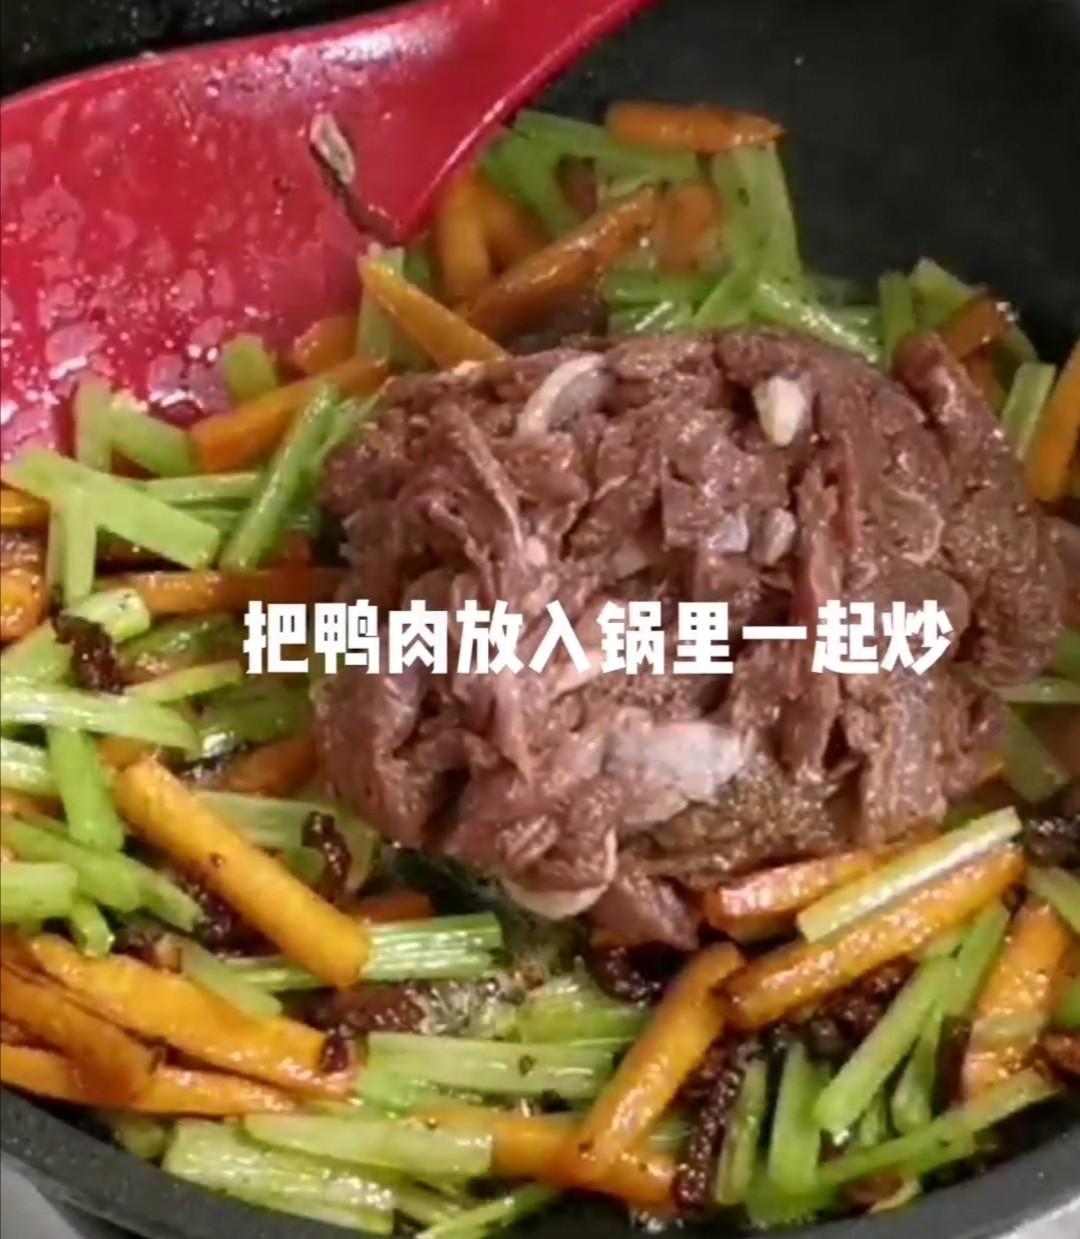 沙茶鸭肉怎么做